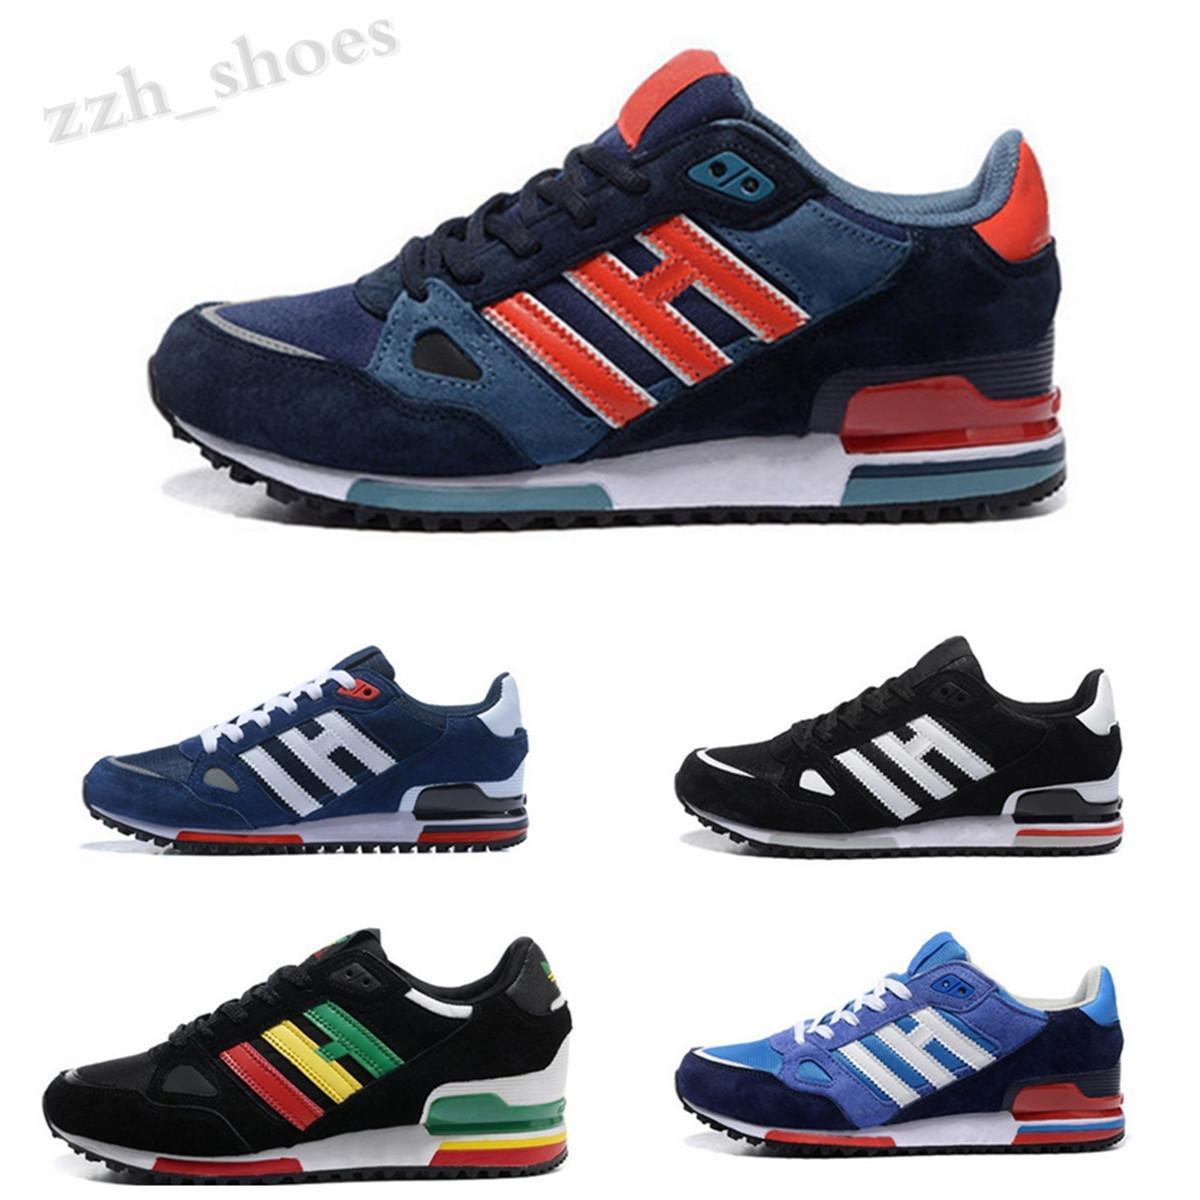 Adidas Originals ZX750 2020 Yeni EDITEX Originals ZX750 Sneakers Erkekler Kadınlar Platformu Atletik Moda Casual Erkek Chaussures PR06 Ayakkabı Koşu için 750 zx